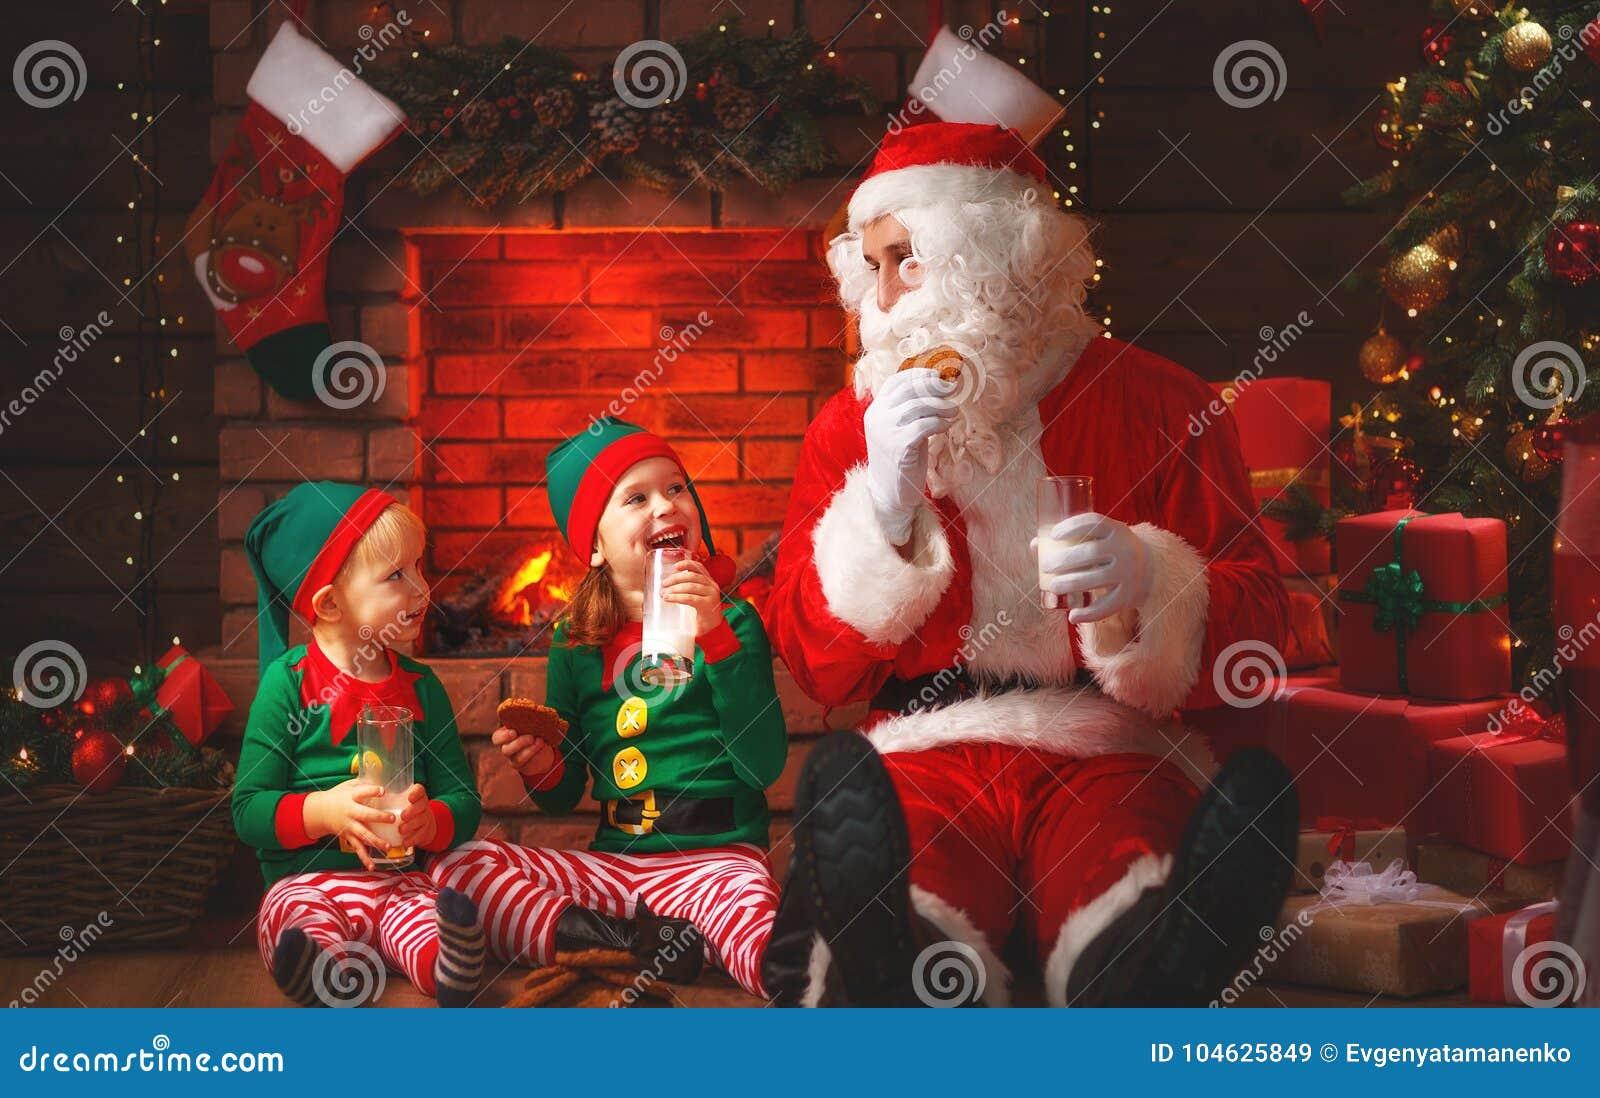 Download Kerstmis Santa Claus Met Elf Drinkt Melk En Eet Koekjes Stock Afbeelding - Afbeelding bestaande uit viering, huis: 104625849